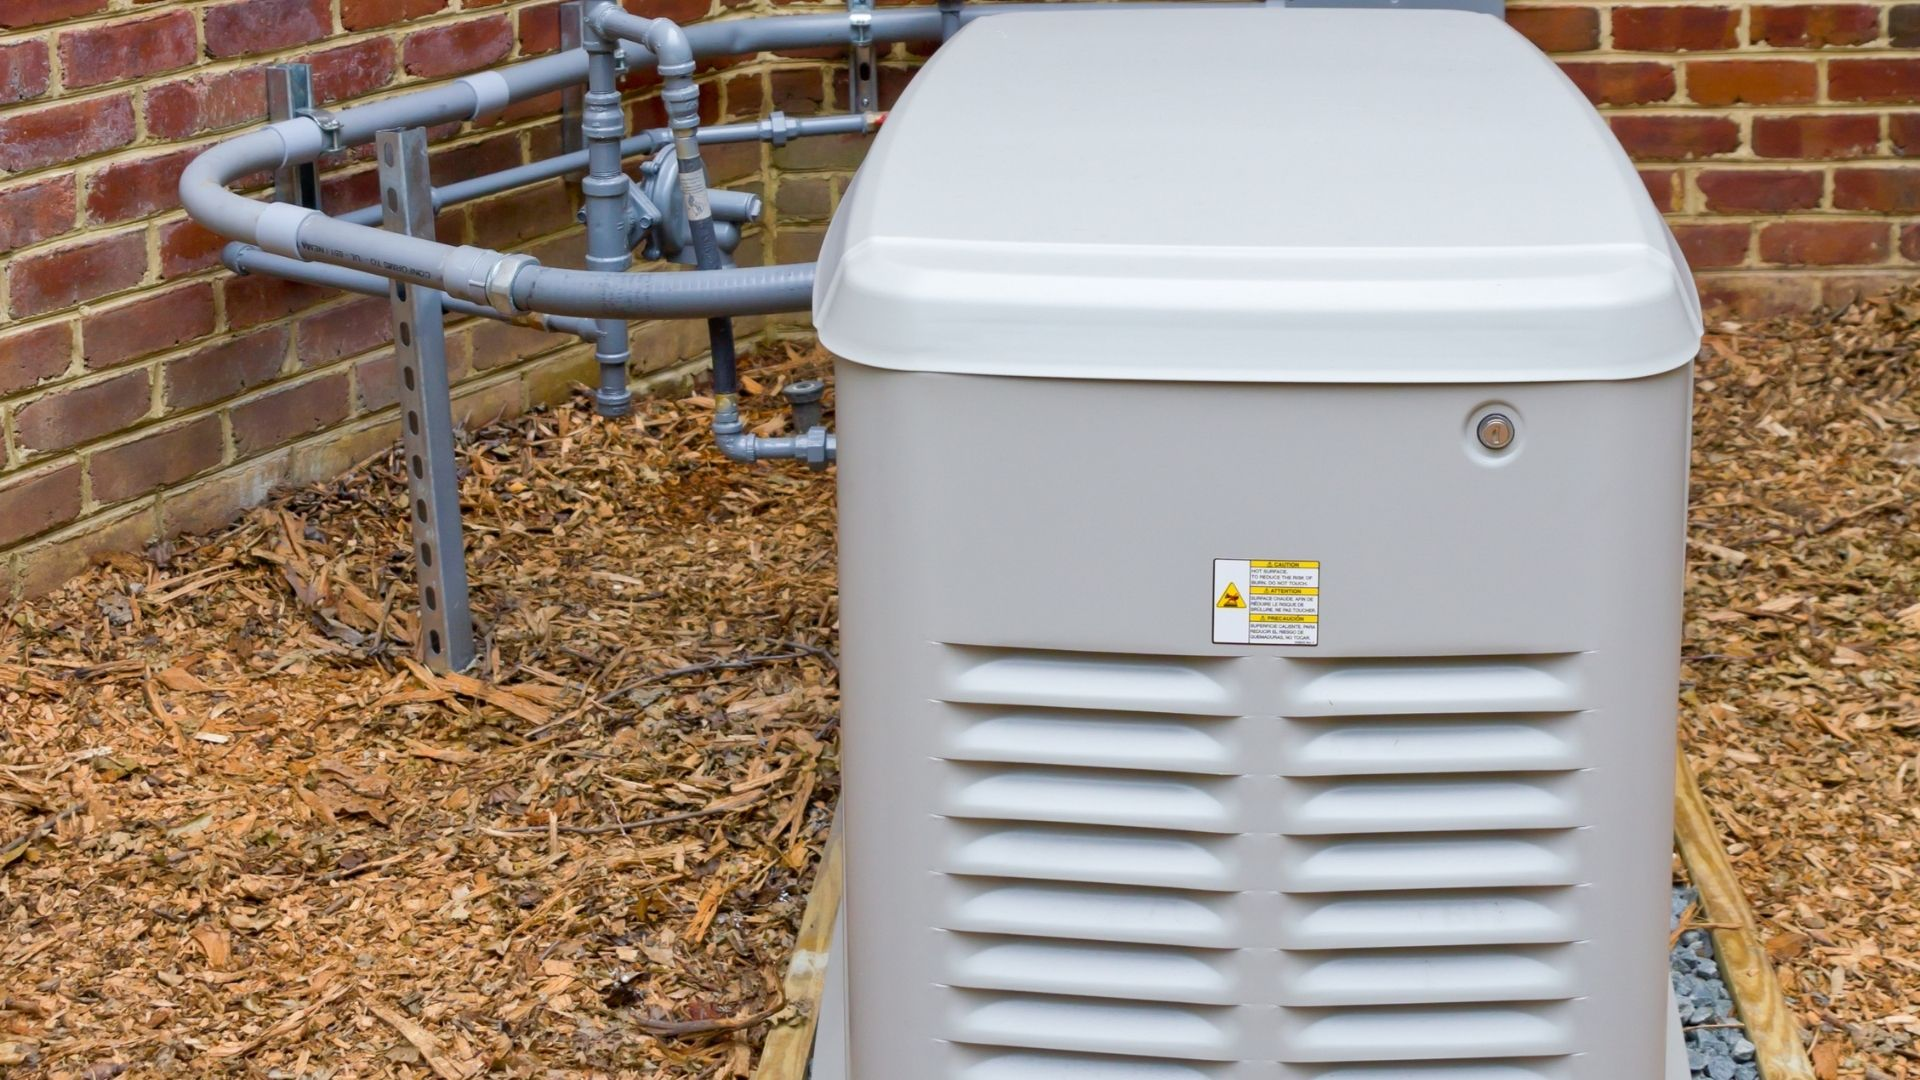 running propane generator indoors